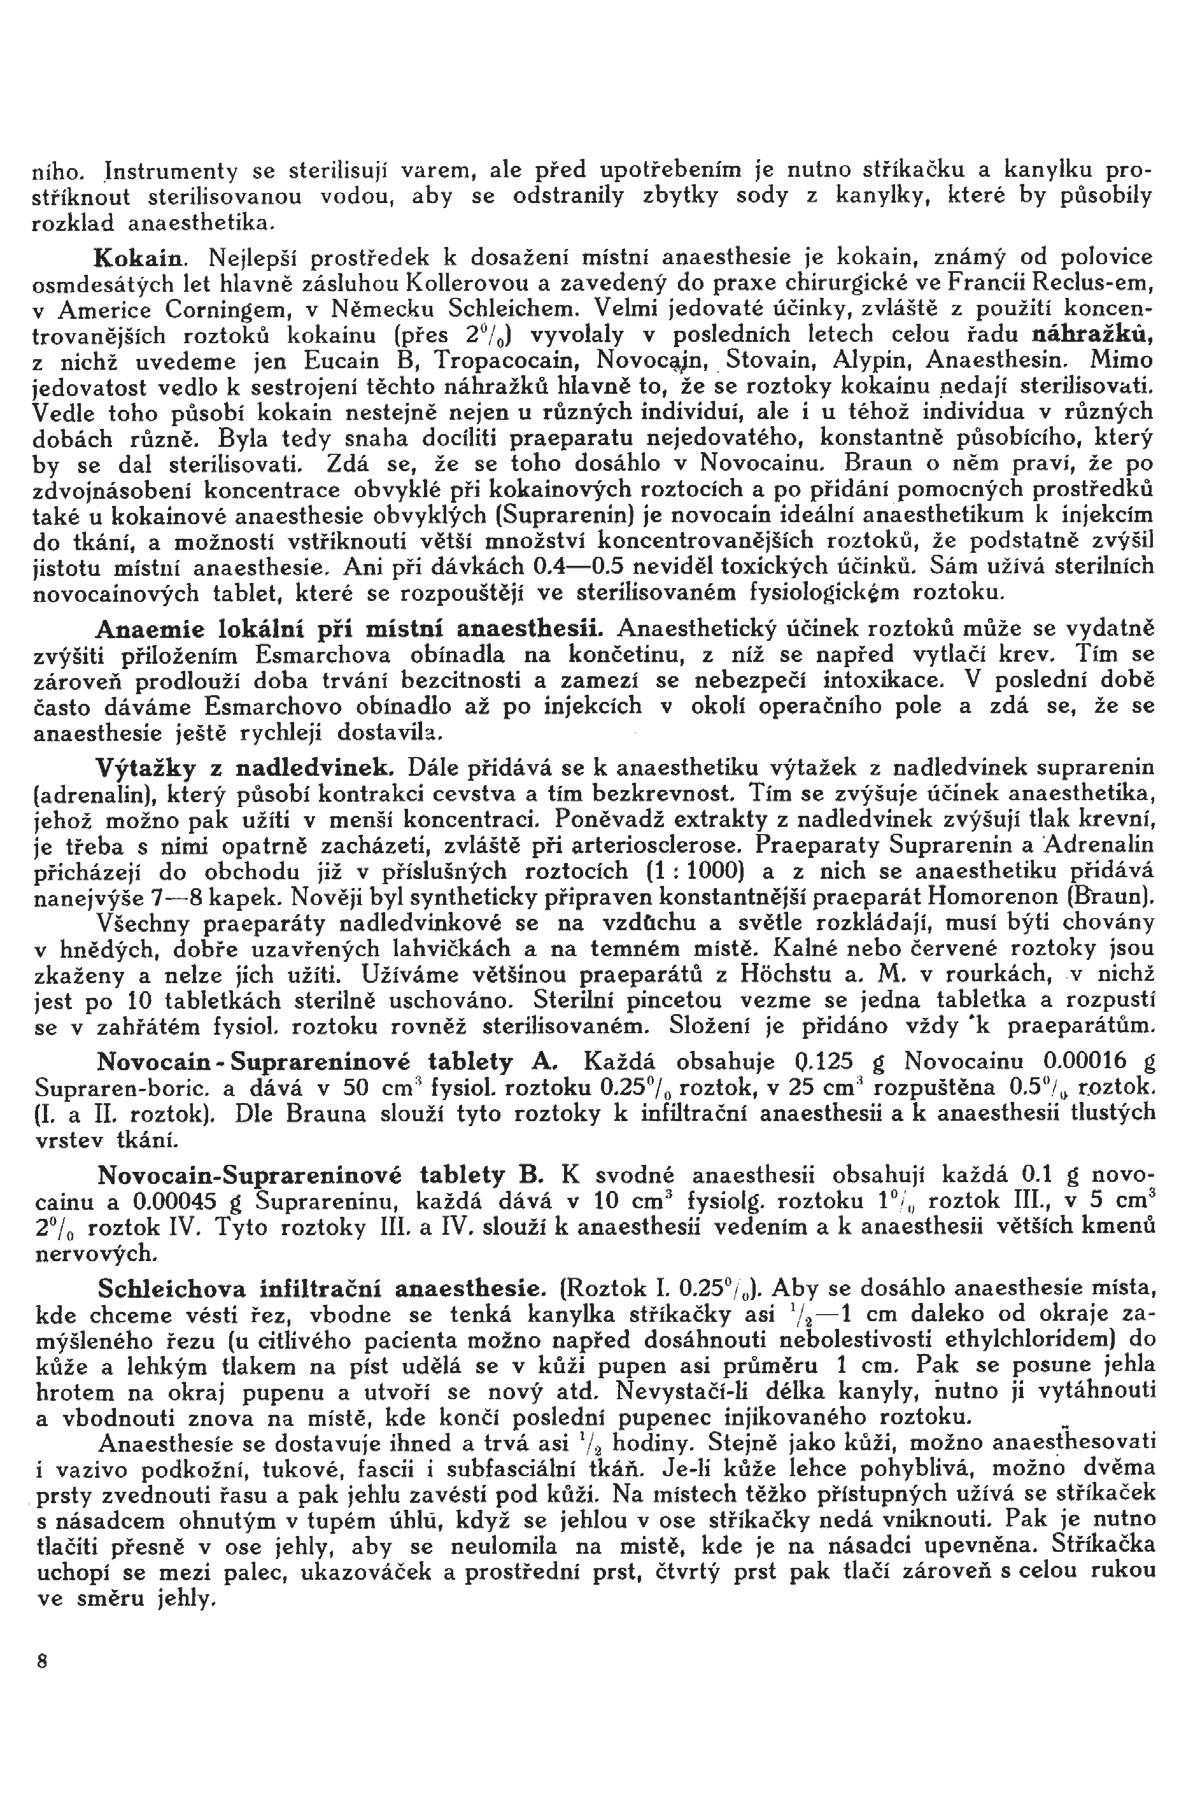 Stránka 8 z učebnice chirurgie z r. 1921